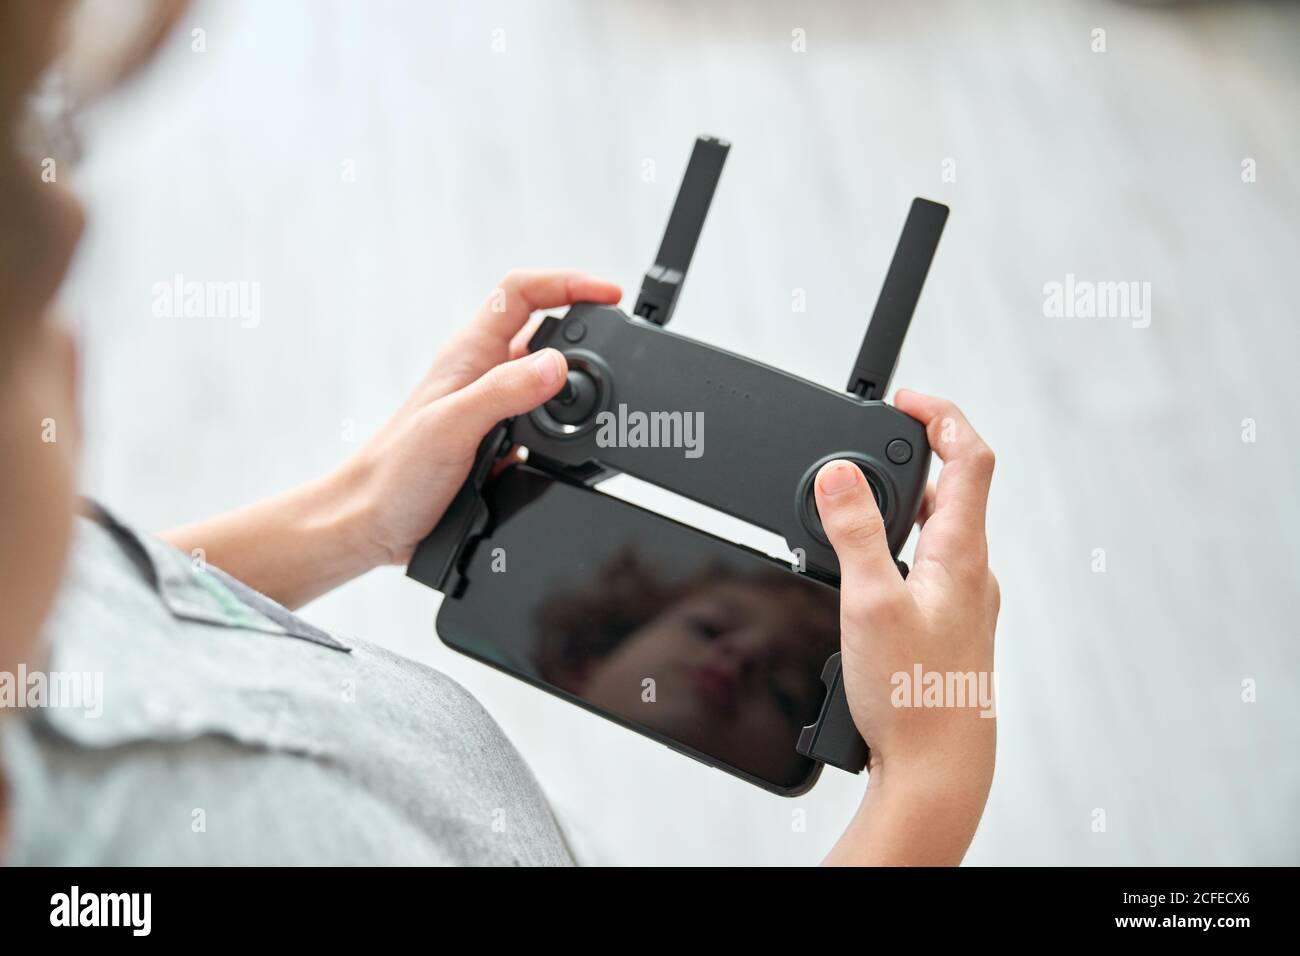 Enfant manipulant un drone et la télécommande qui vient d'être donnée à lui Banque D'Images